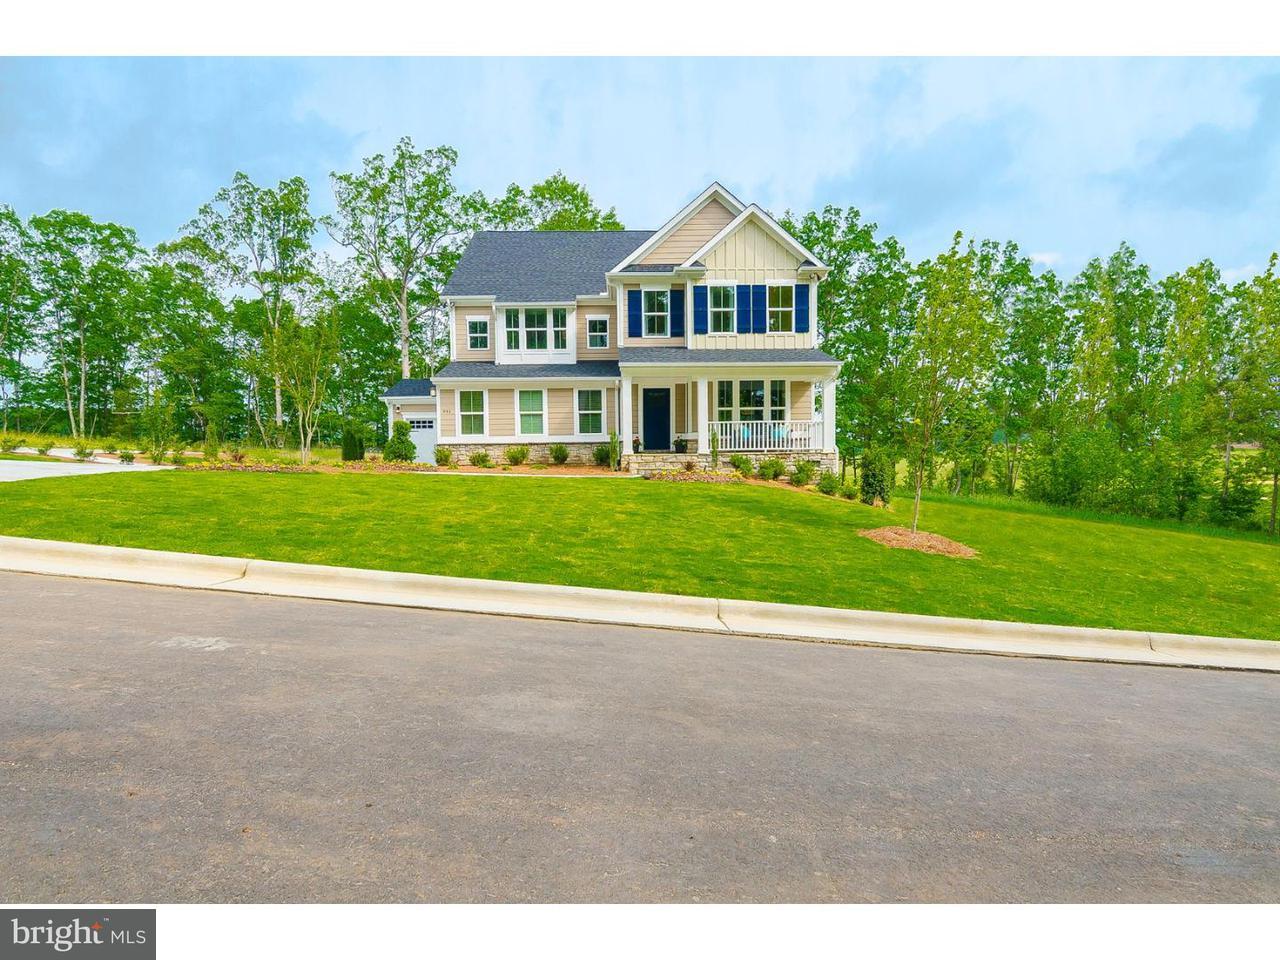 Частный односемейный дом для того Продажа на 1603 RONAN WAY Romansville, Пенсильвания 19320 Соединенные Штаты